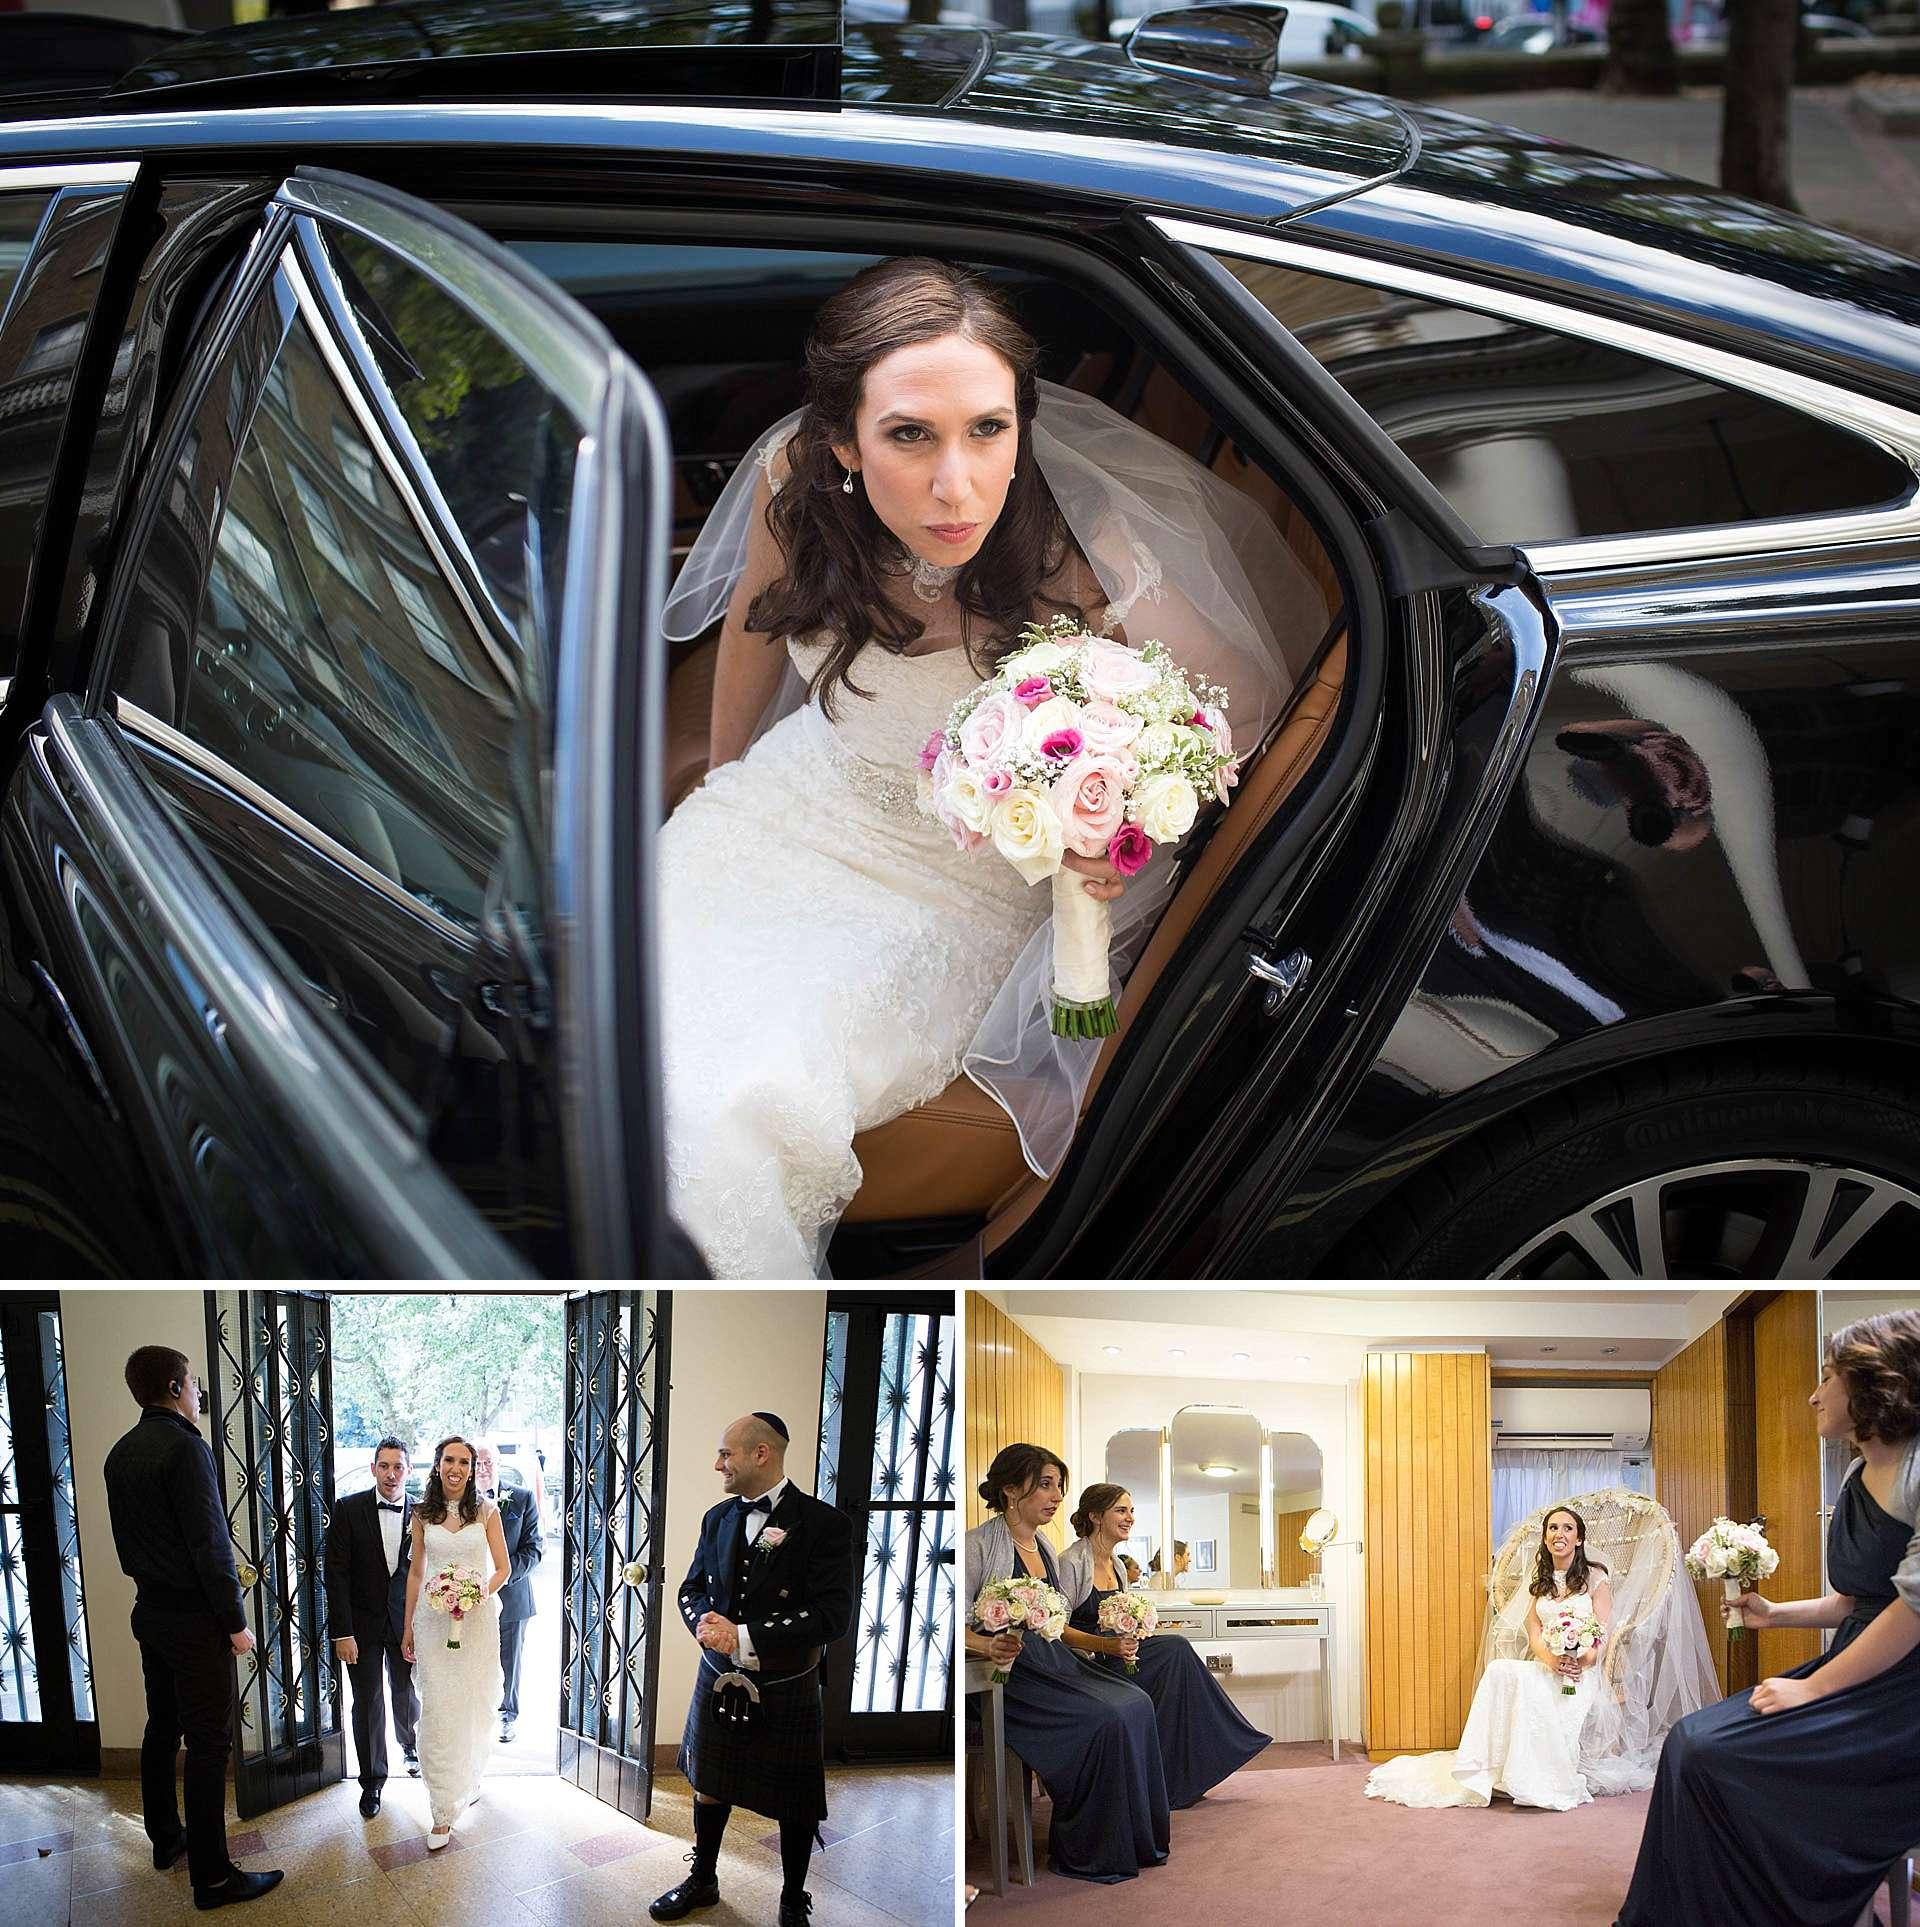 Hannah arrives at the Synagogue